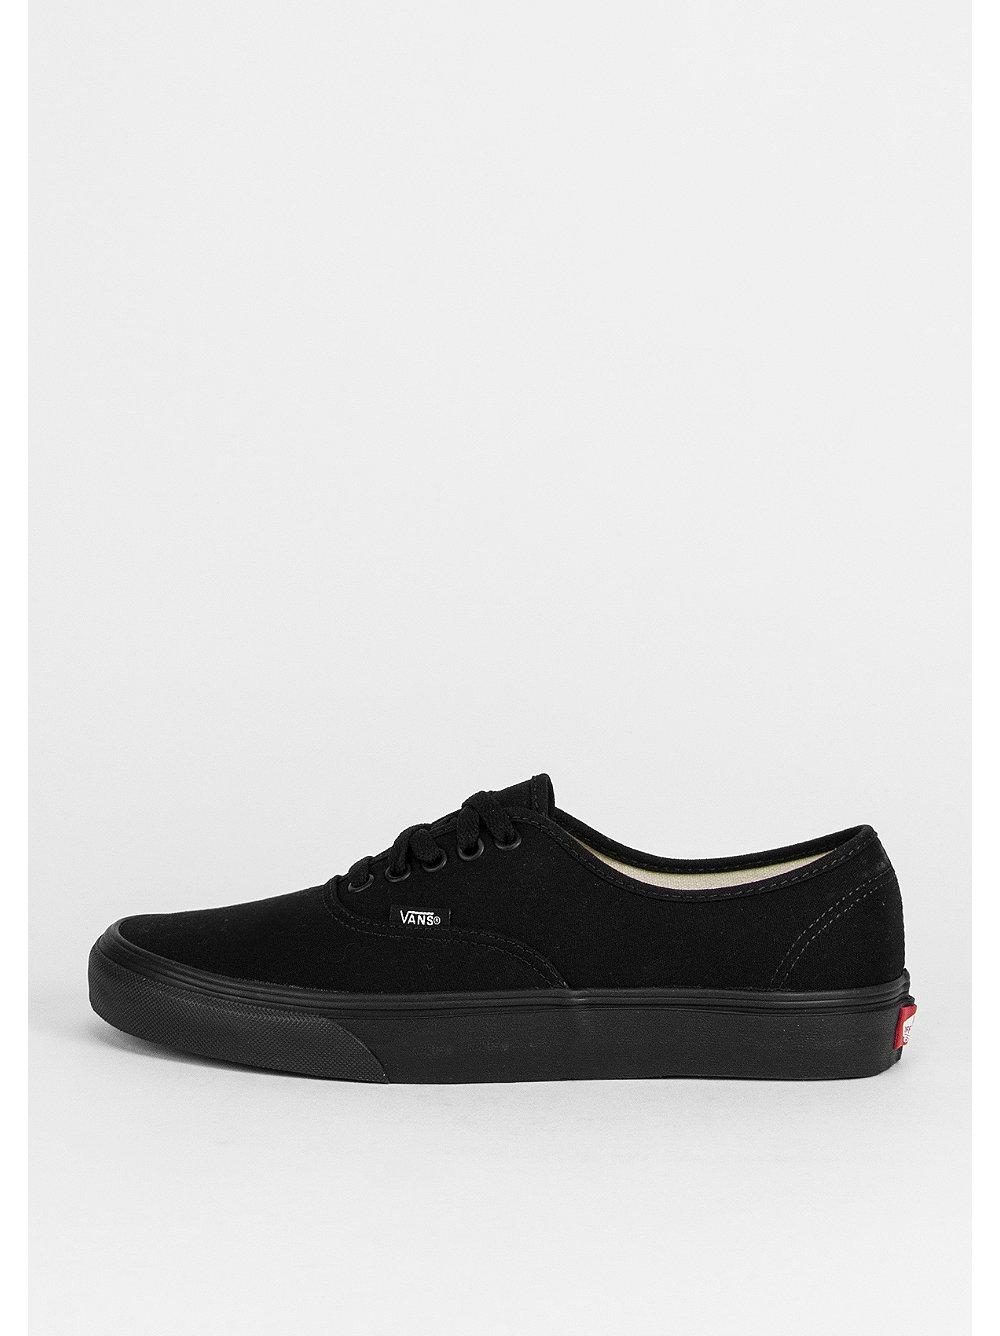 Schuh Authentic black/black